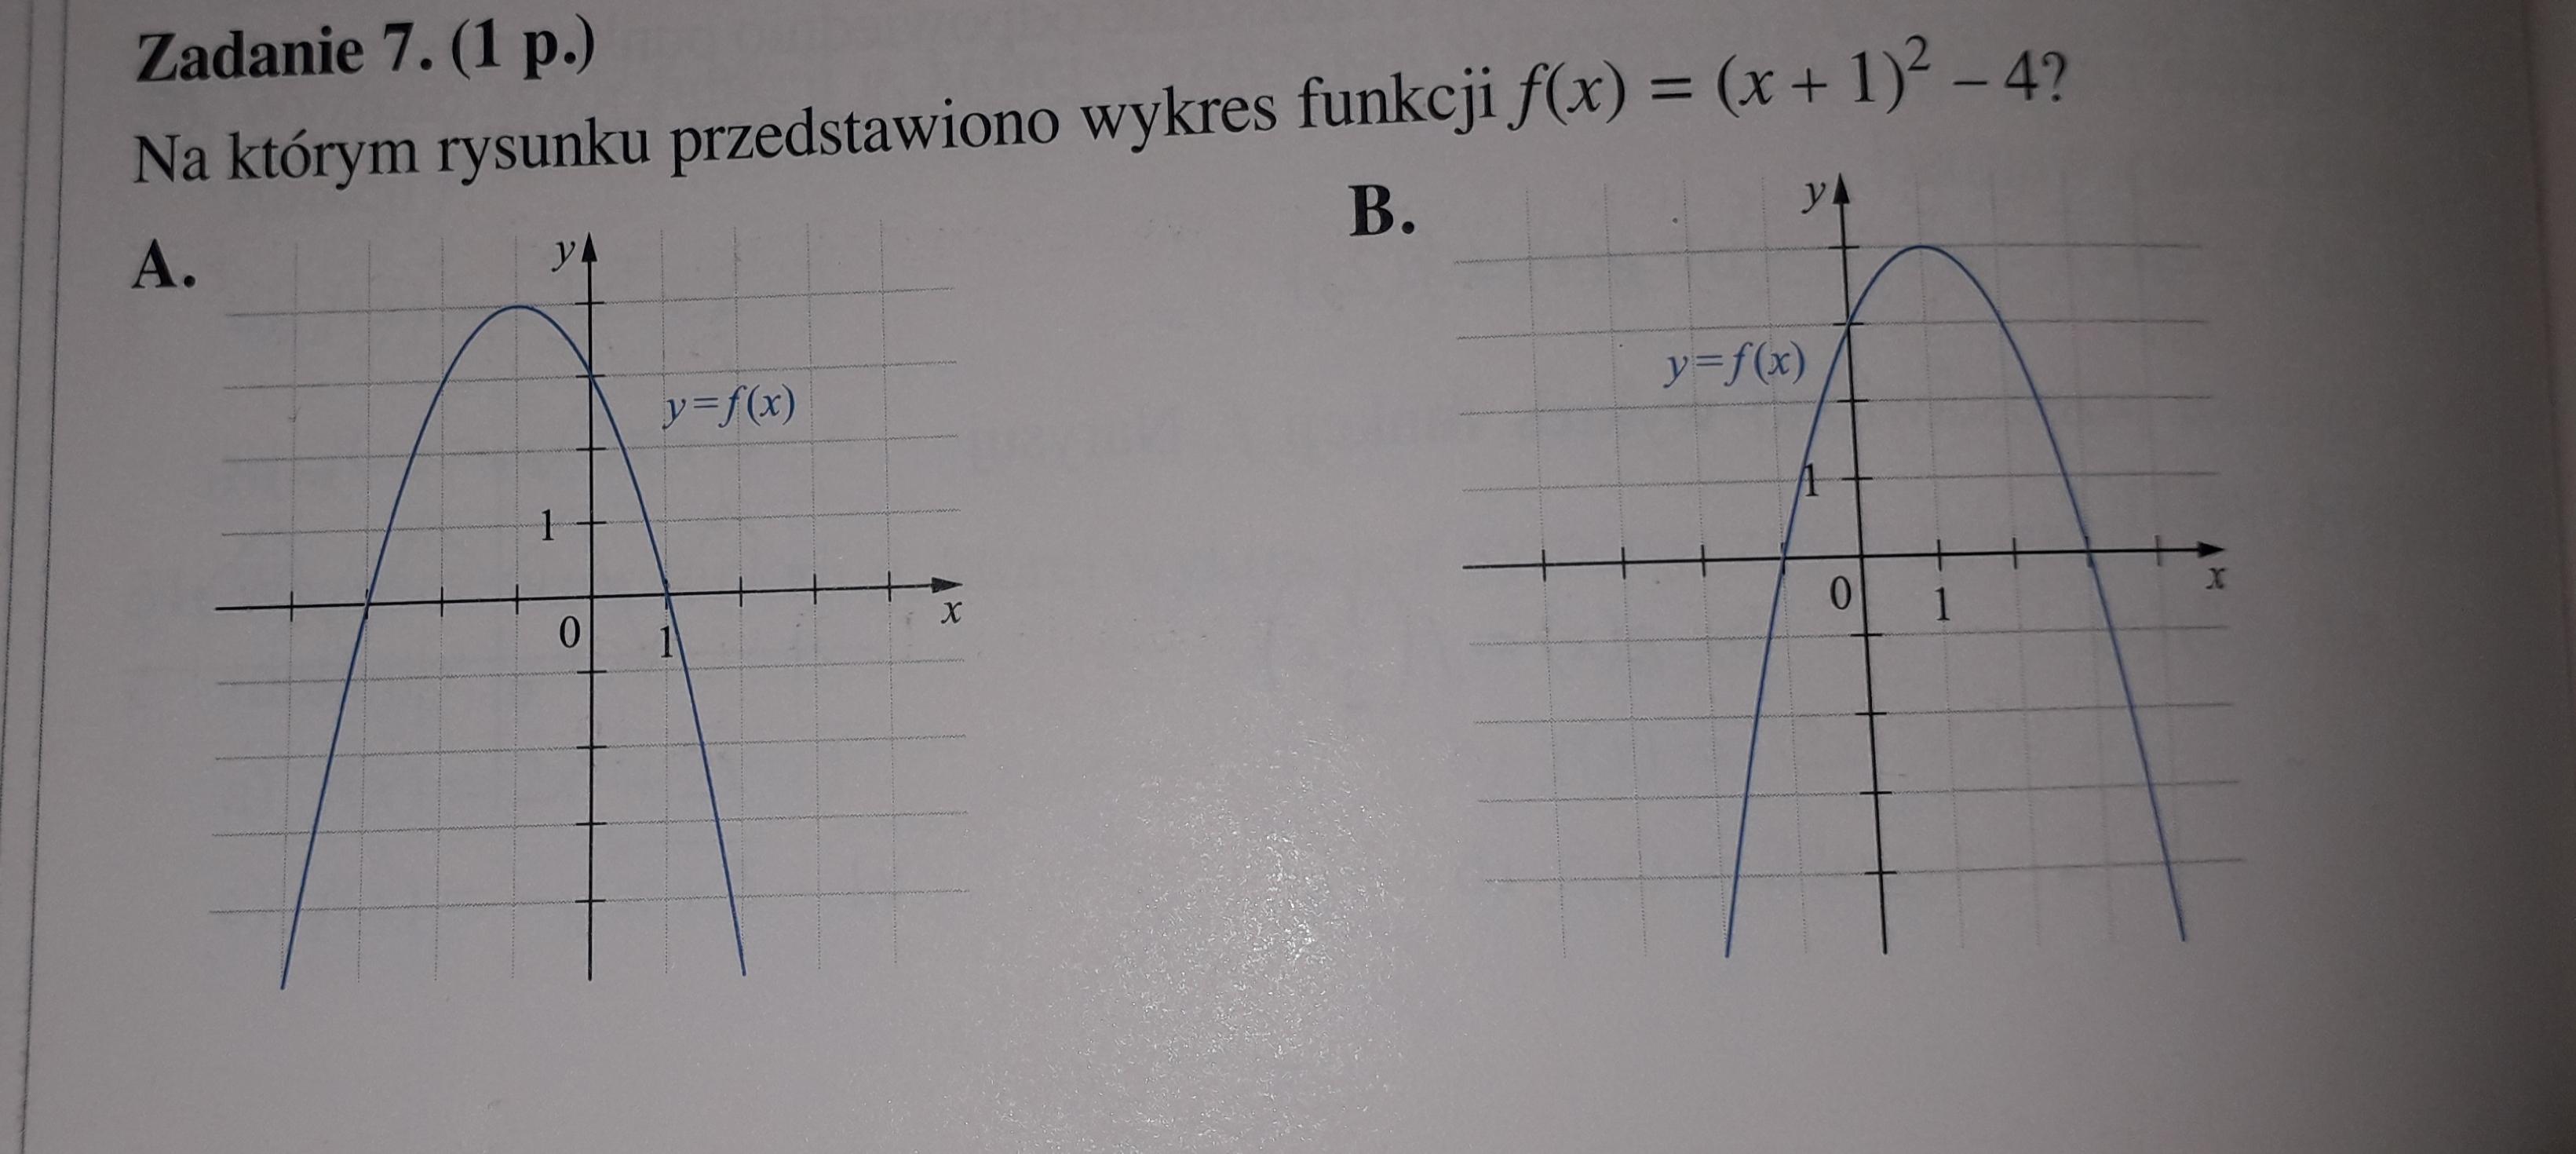 �z,a��-yb�9�oz/i�f�x�~{�X+��ߚ�_1.Naktórymrysunkuprzedstawionowykresfunkcjif(x)=(x+1)²-4(ZDJĘCIEW